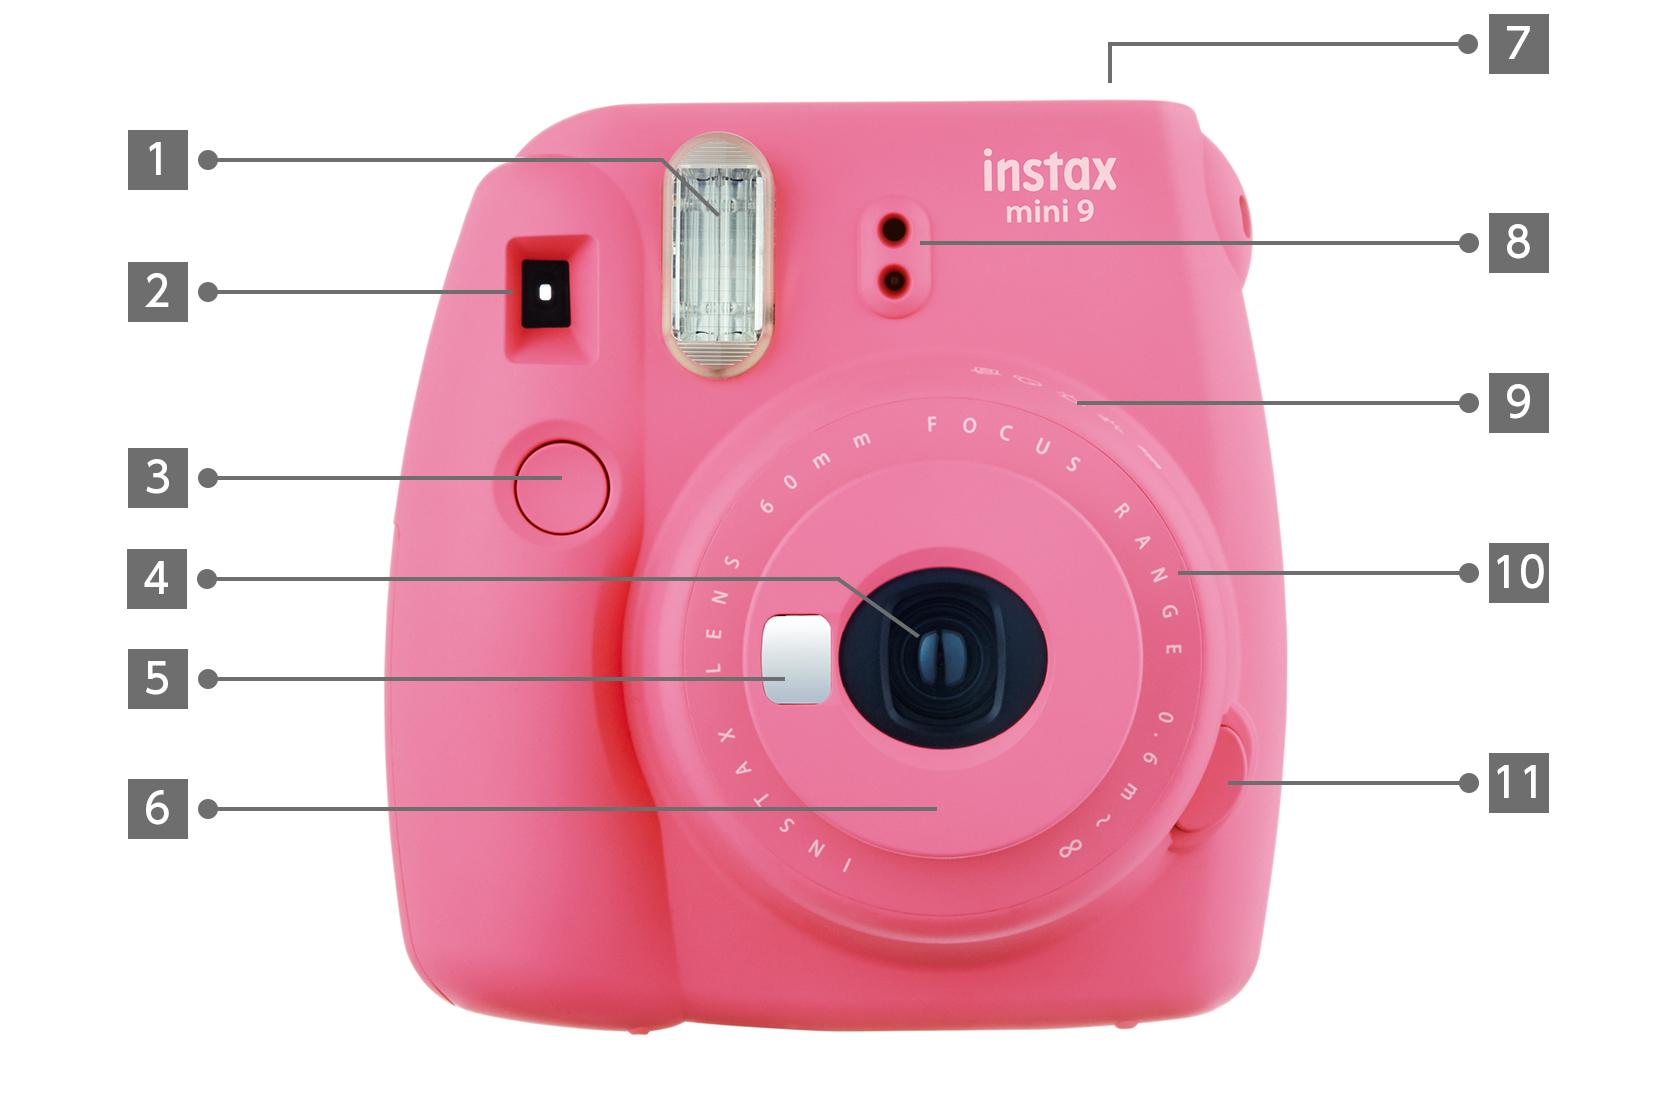 [사진] 1~11로 표시된 다양한 구성품이 있는 핑크 인스탁스 미니 9 카메라의 정면도